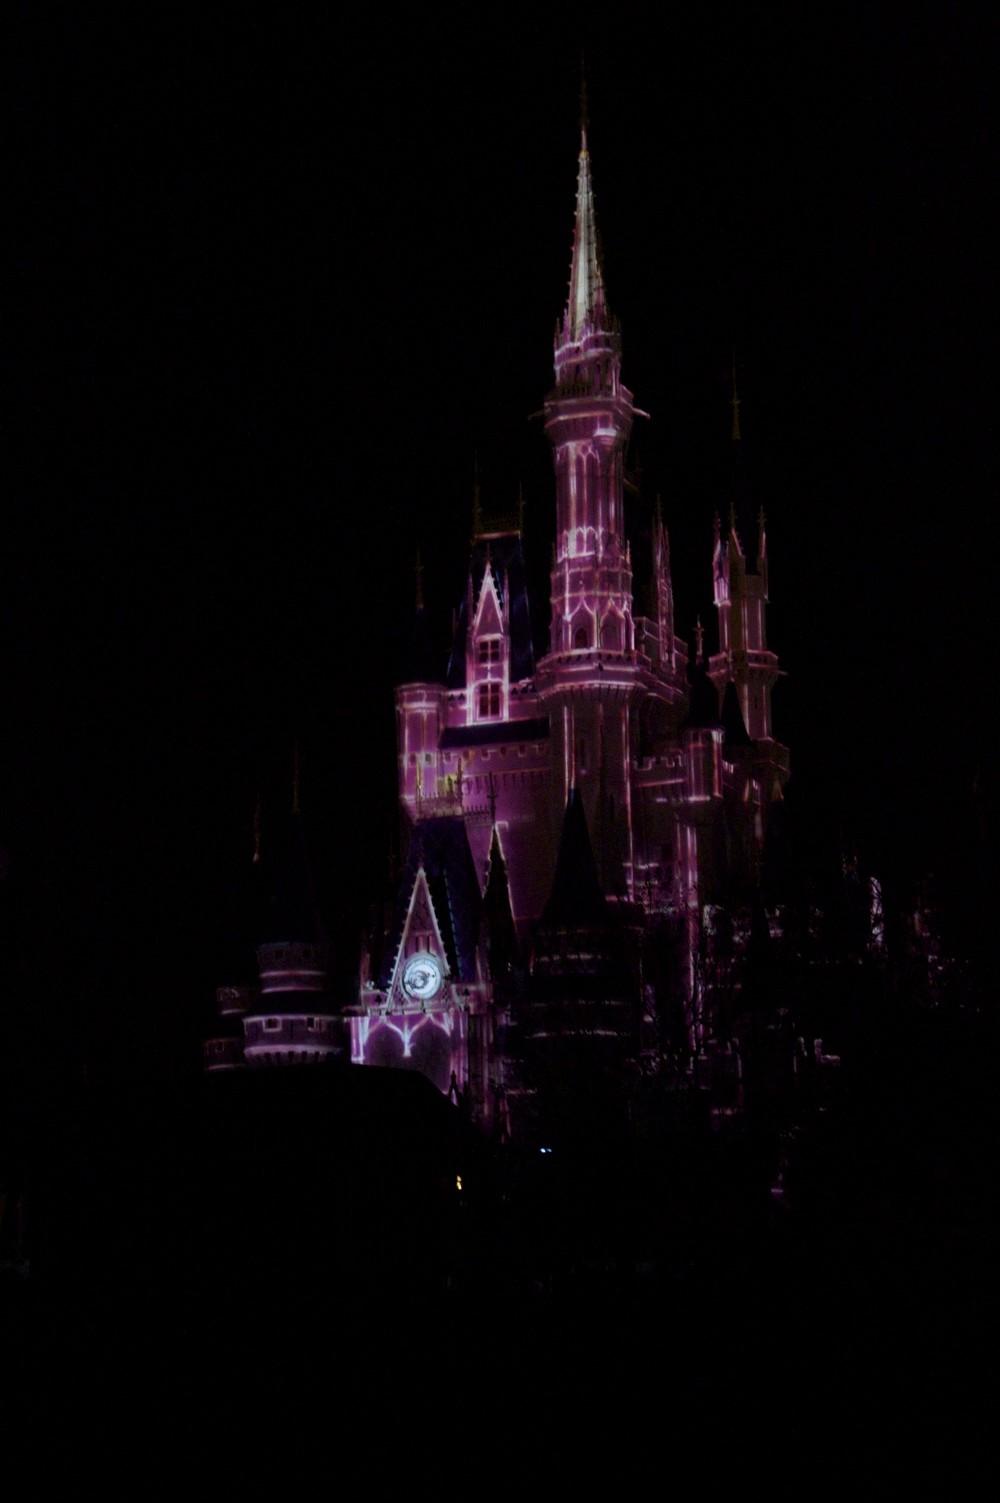 Castle projection